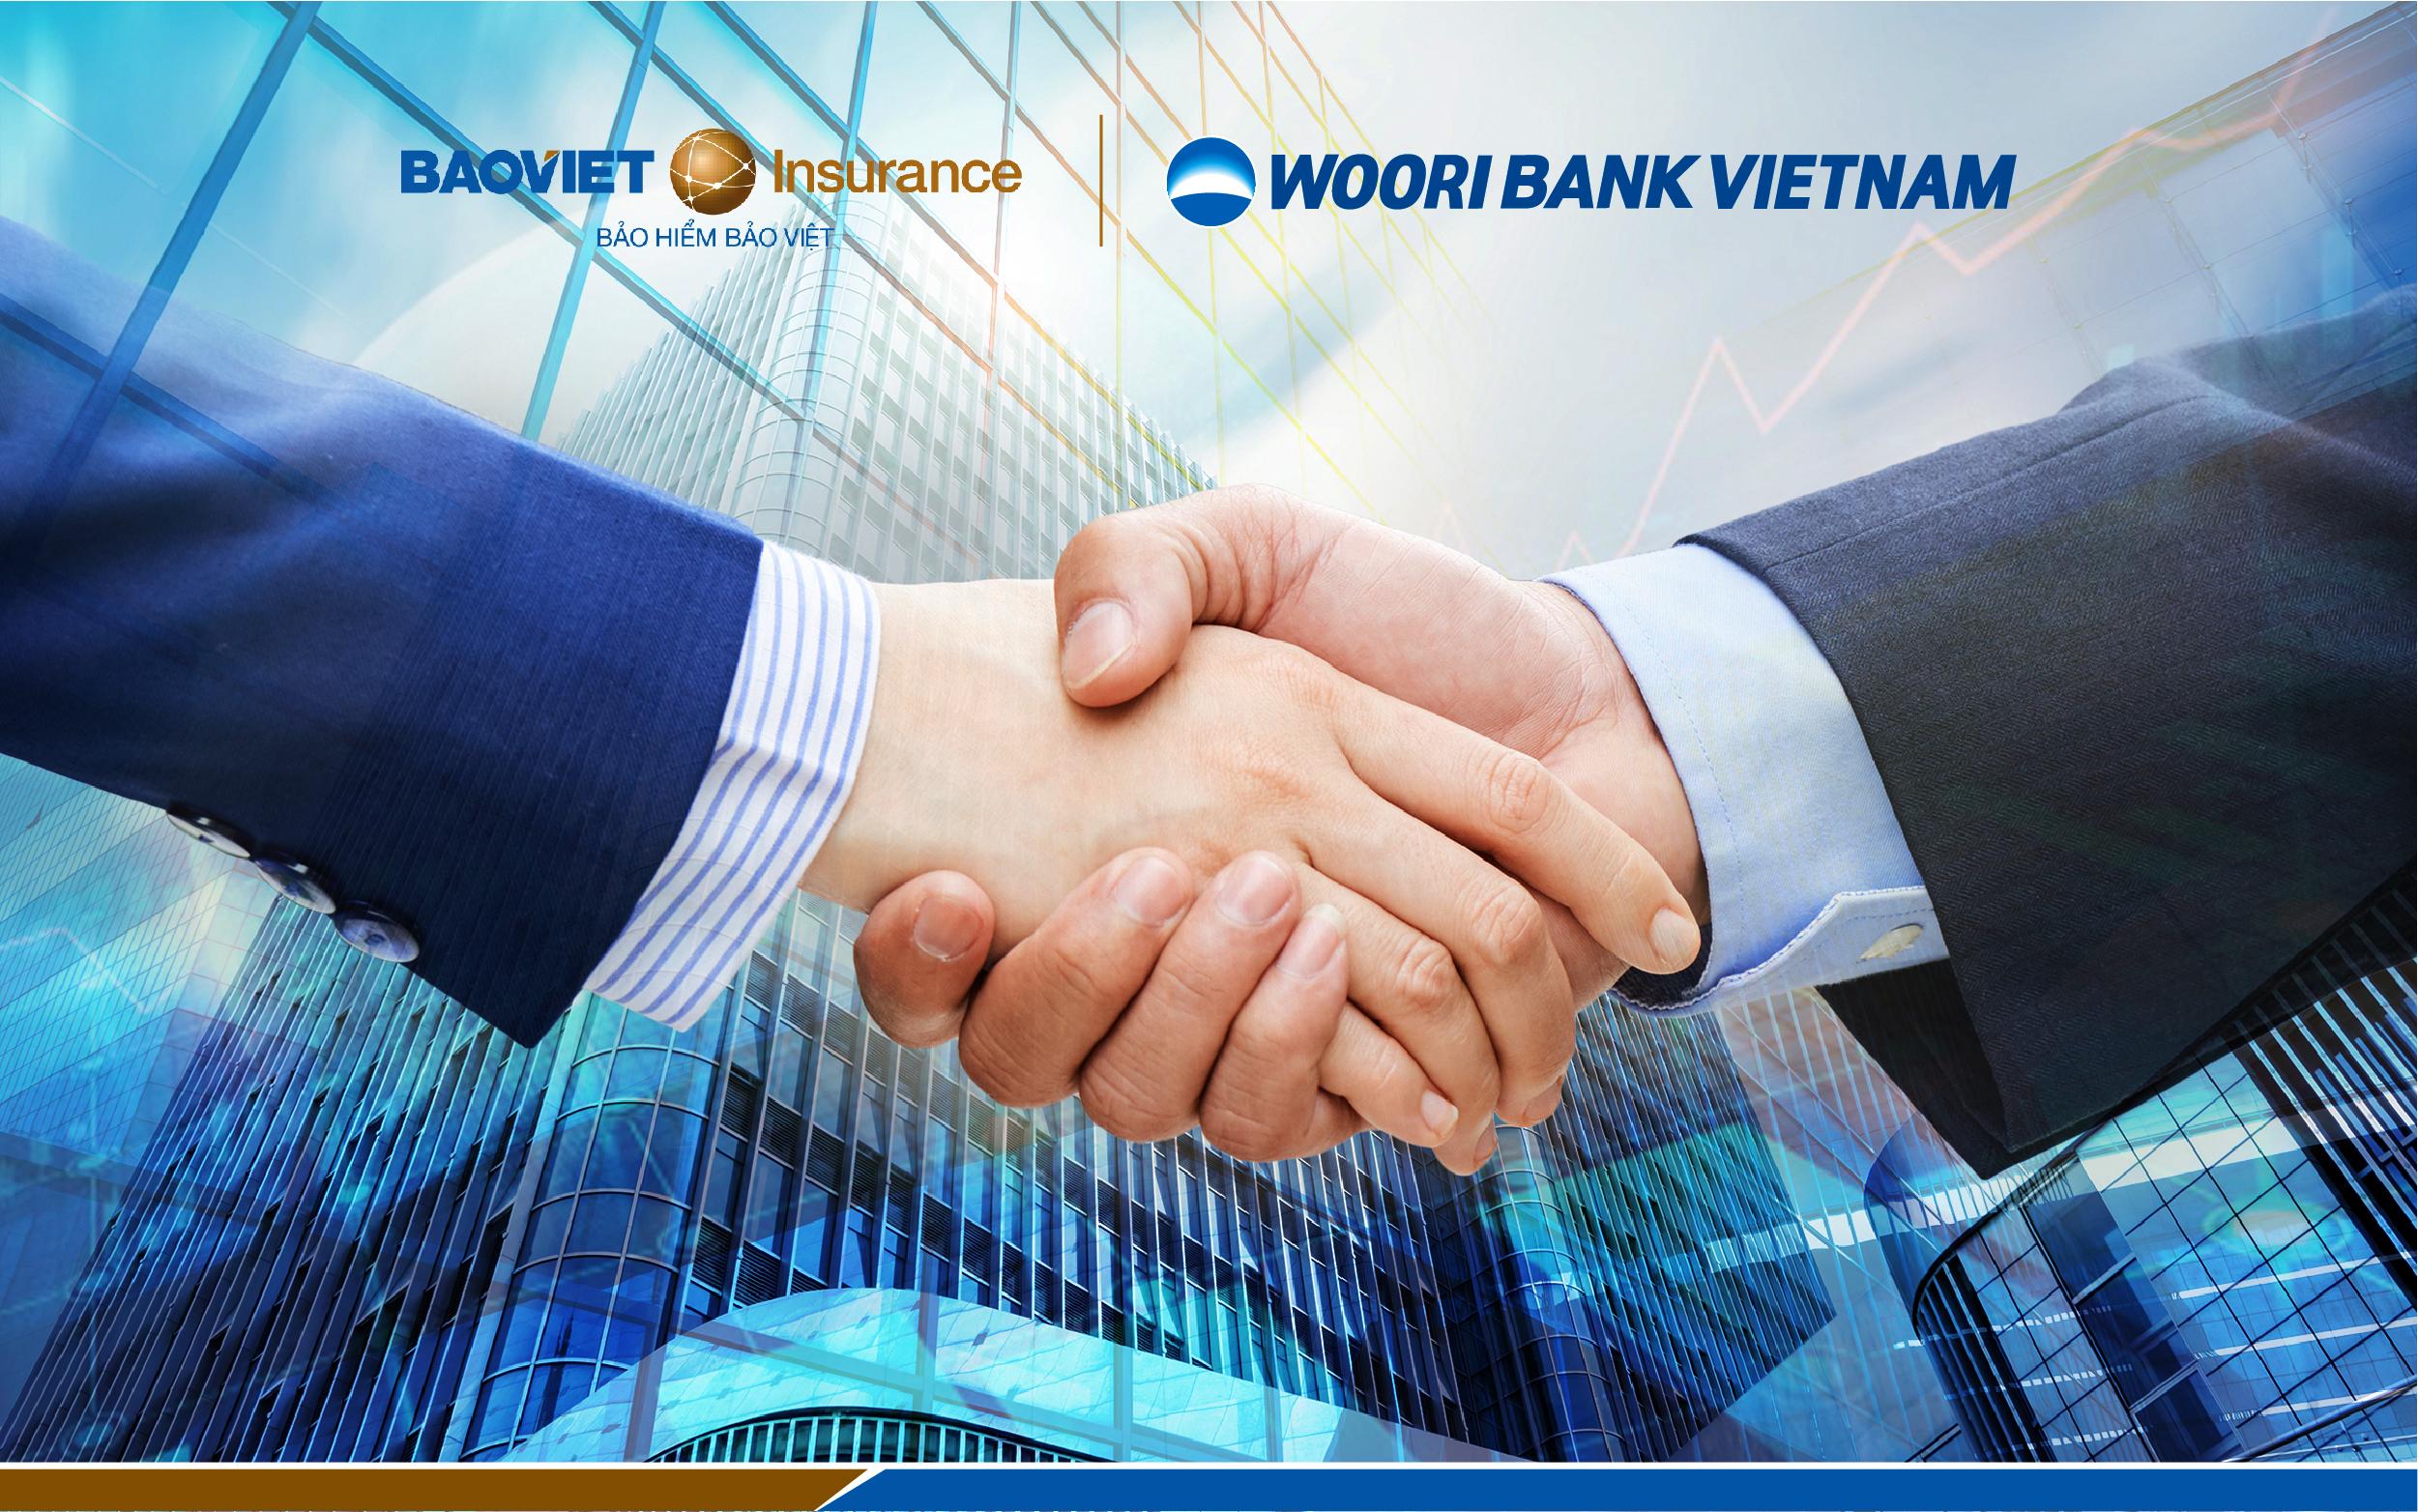 Bảo hiểm Bảo Việt bắt tay cùng Woori Bank